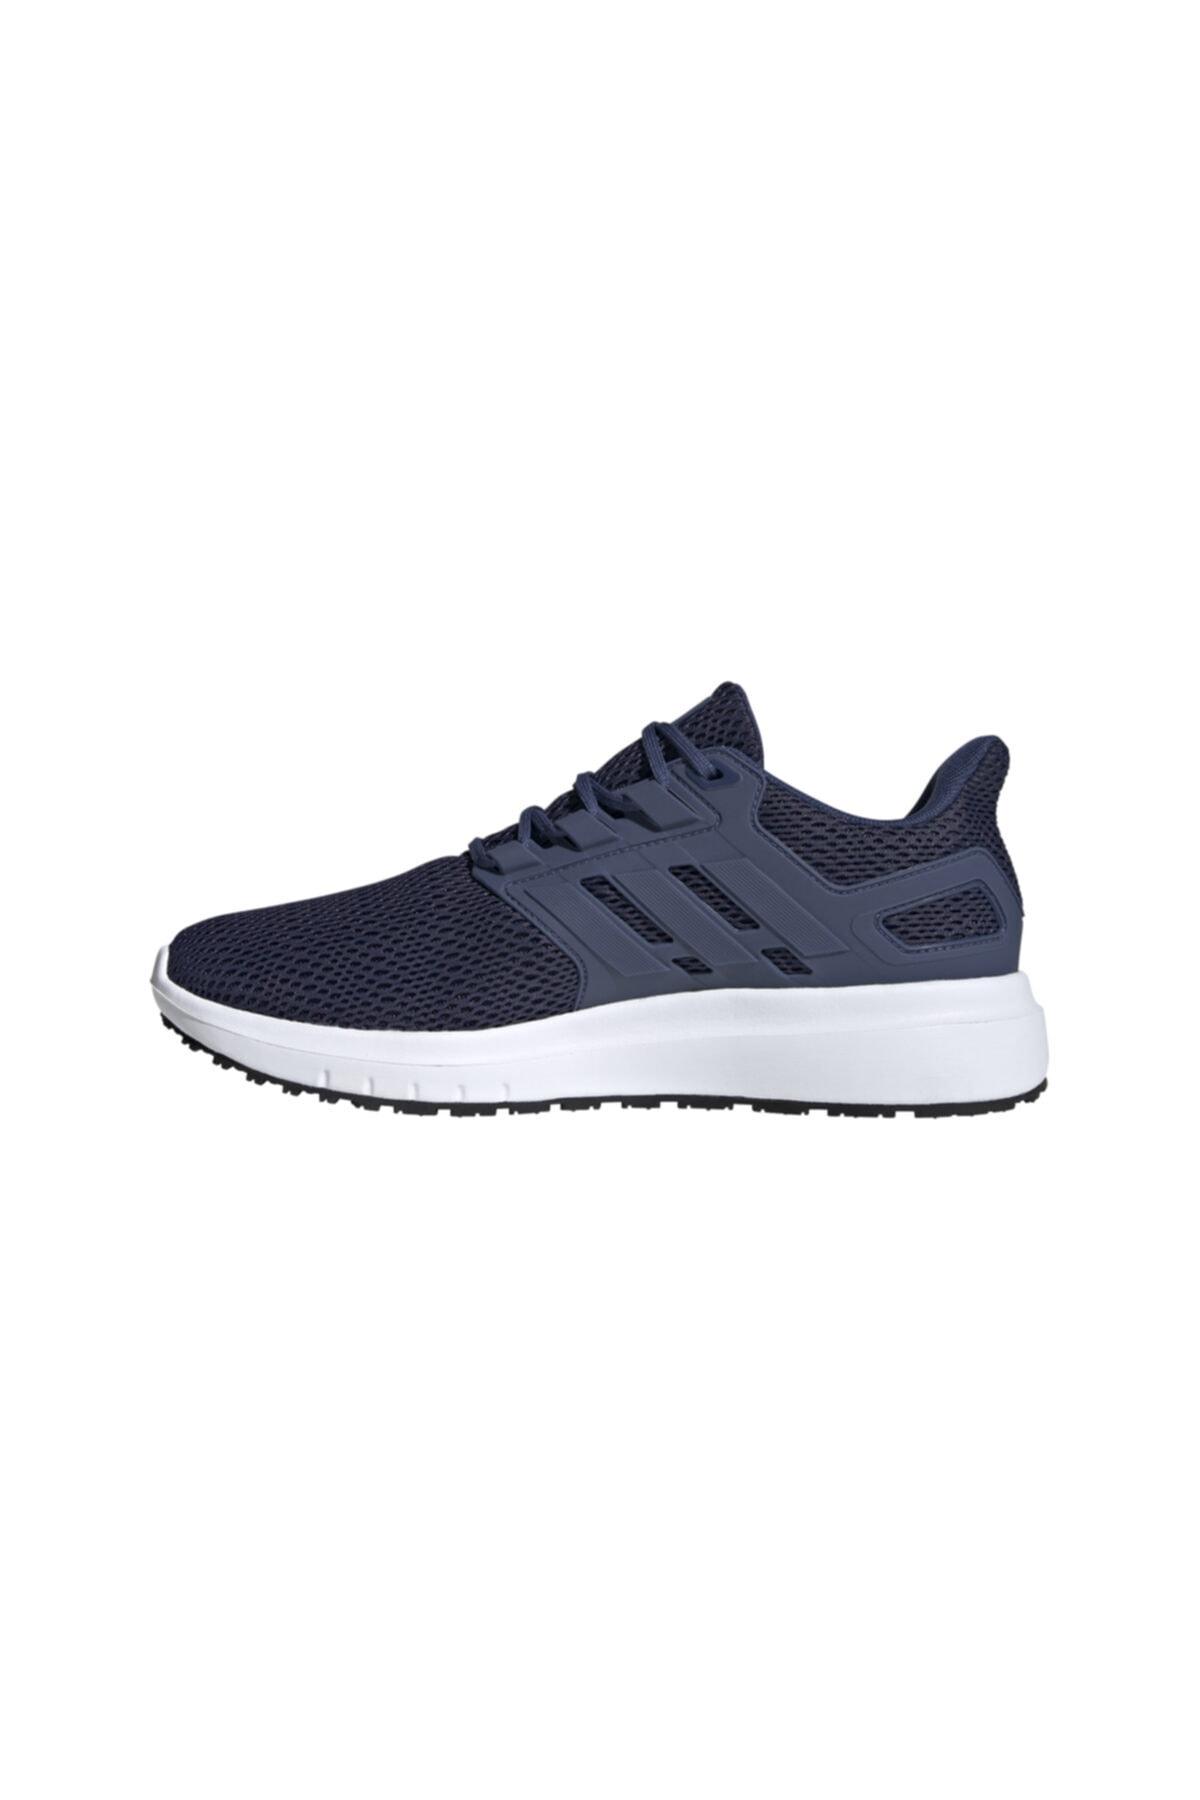 adidas ULTIMASHOW Lacivert Erkek Koşu Ayakkabısı 100663973 2